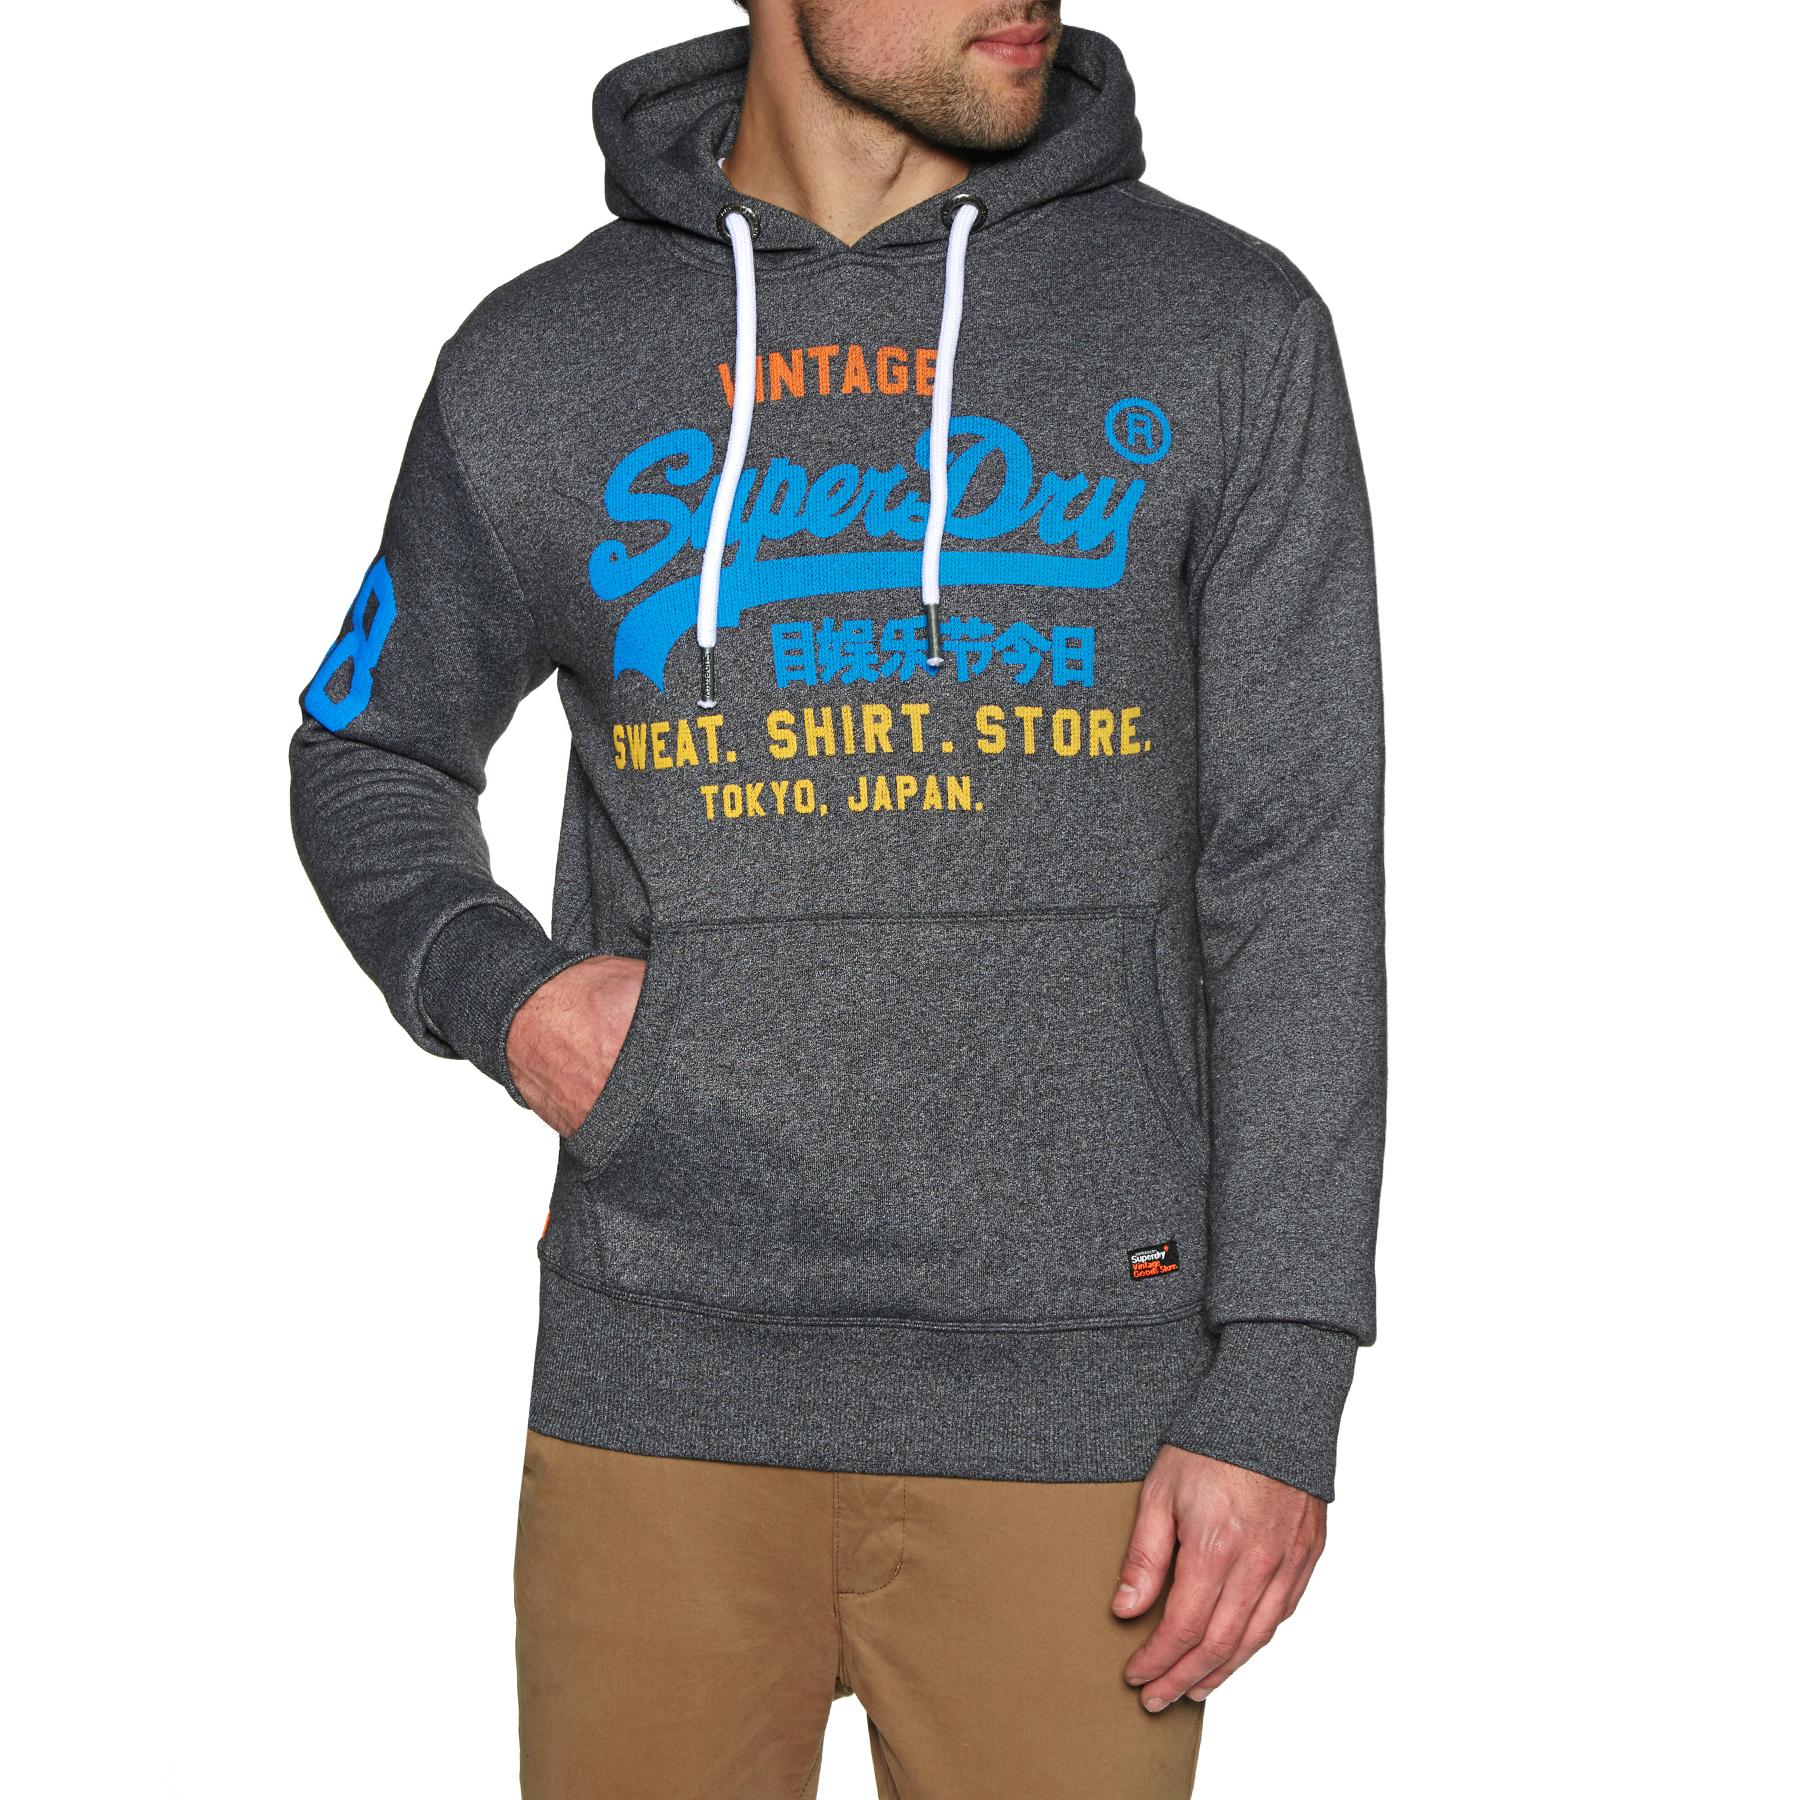 Superdry Sweat Shirt Boutique Sweat à capuche en Charcoal